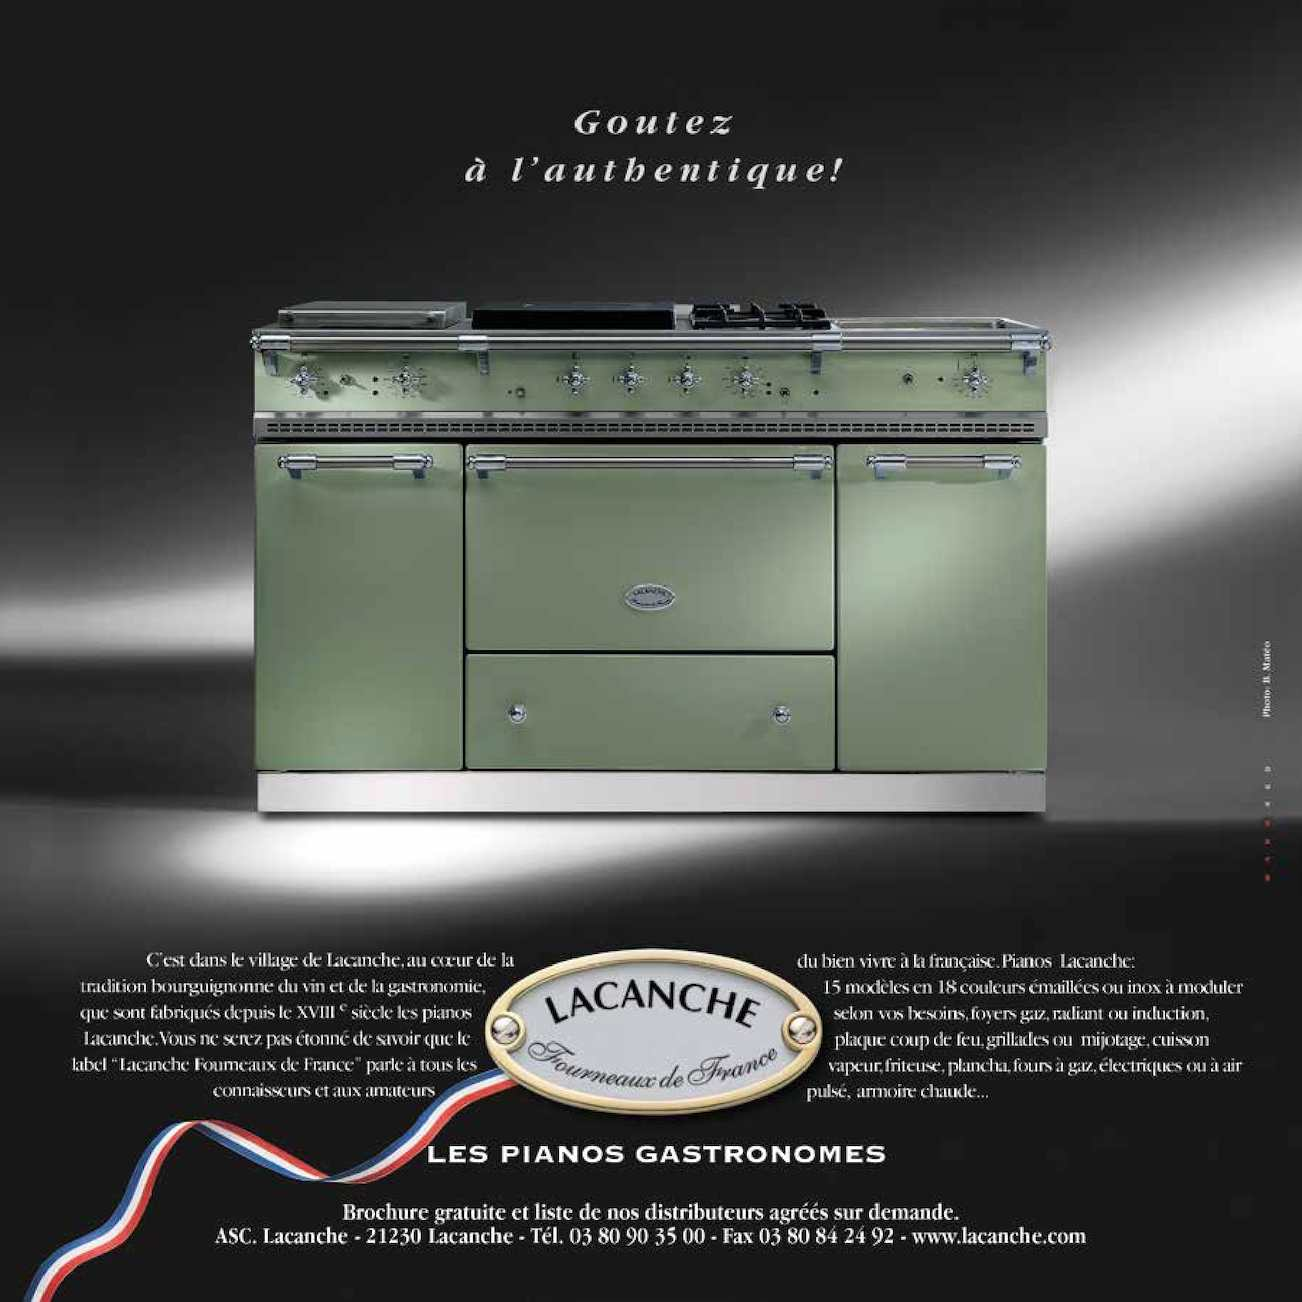 Comment Savoir Si Induction arts & gastronomie bourgogne n°37 - printemps 2016 - calameo